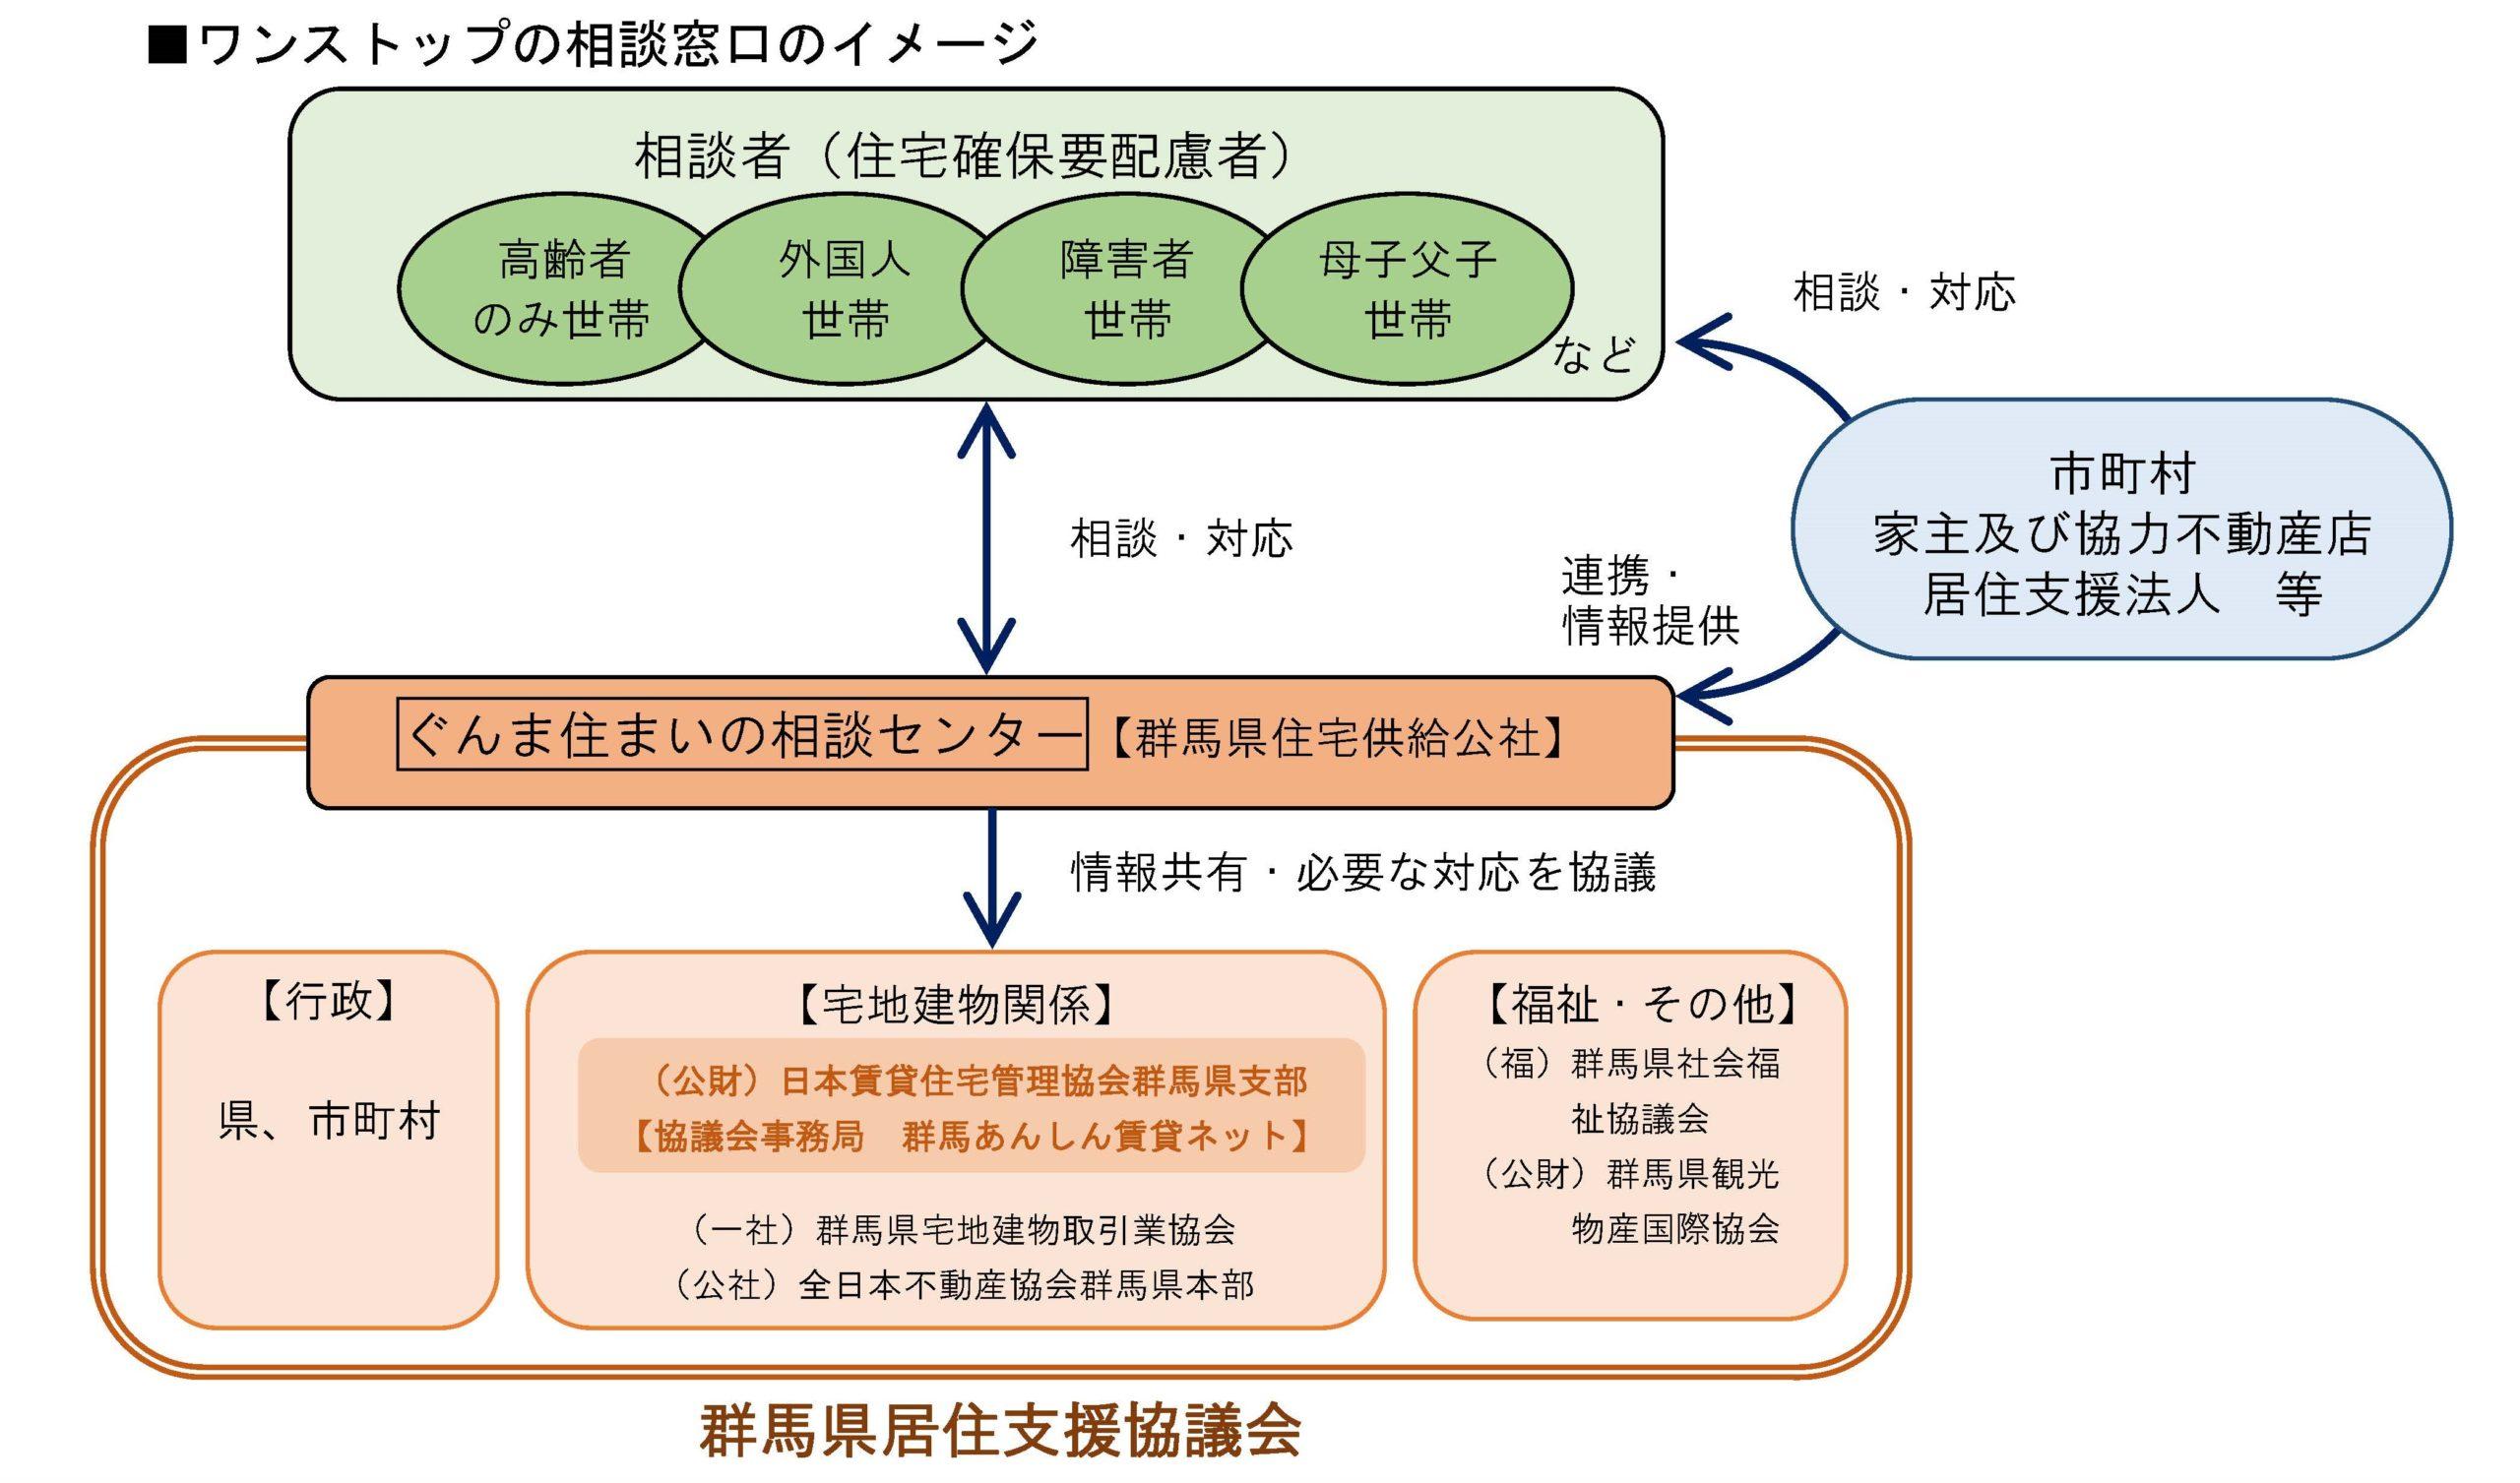 群馬県における居住支援体制の構築